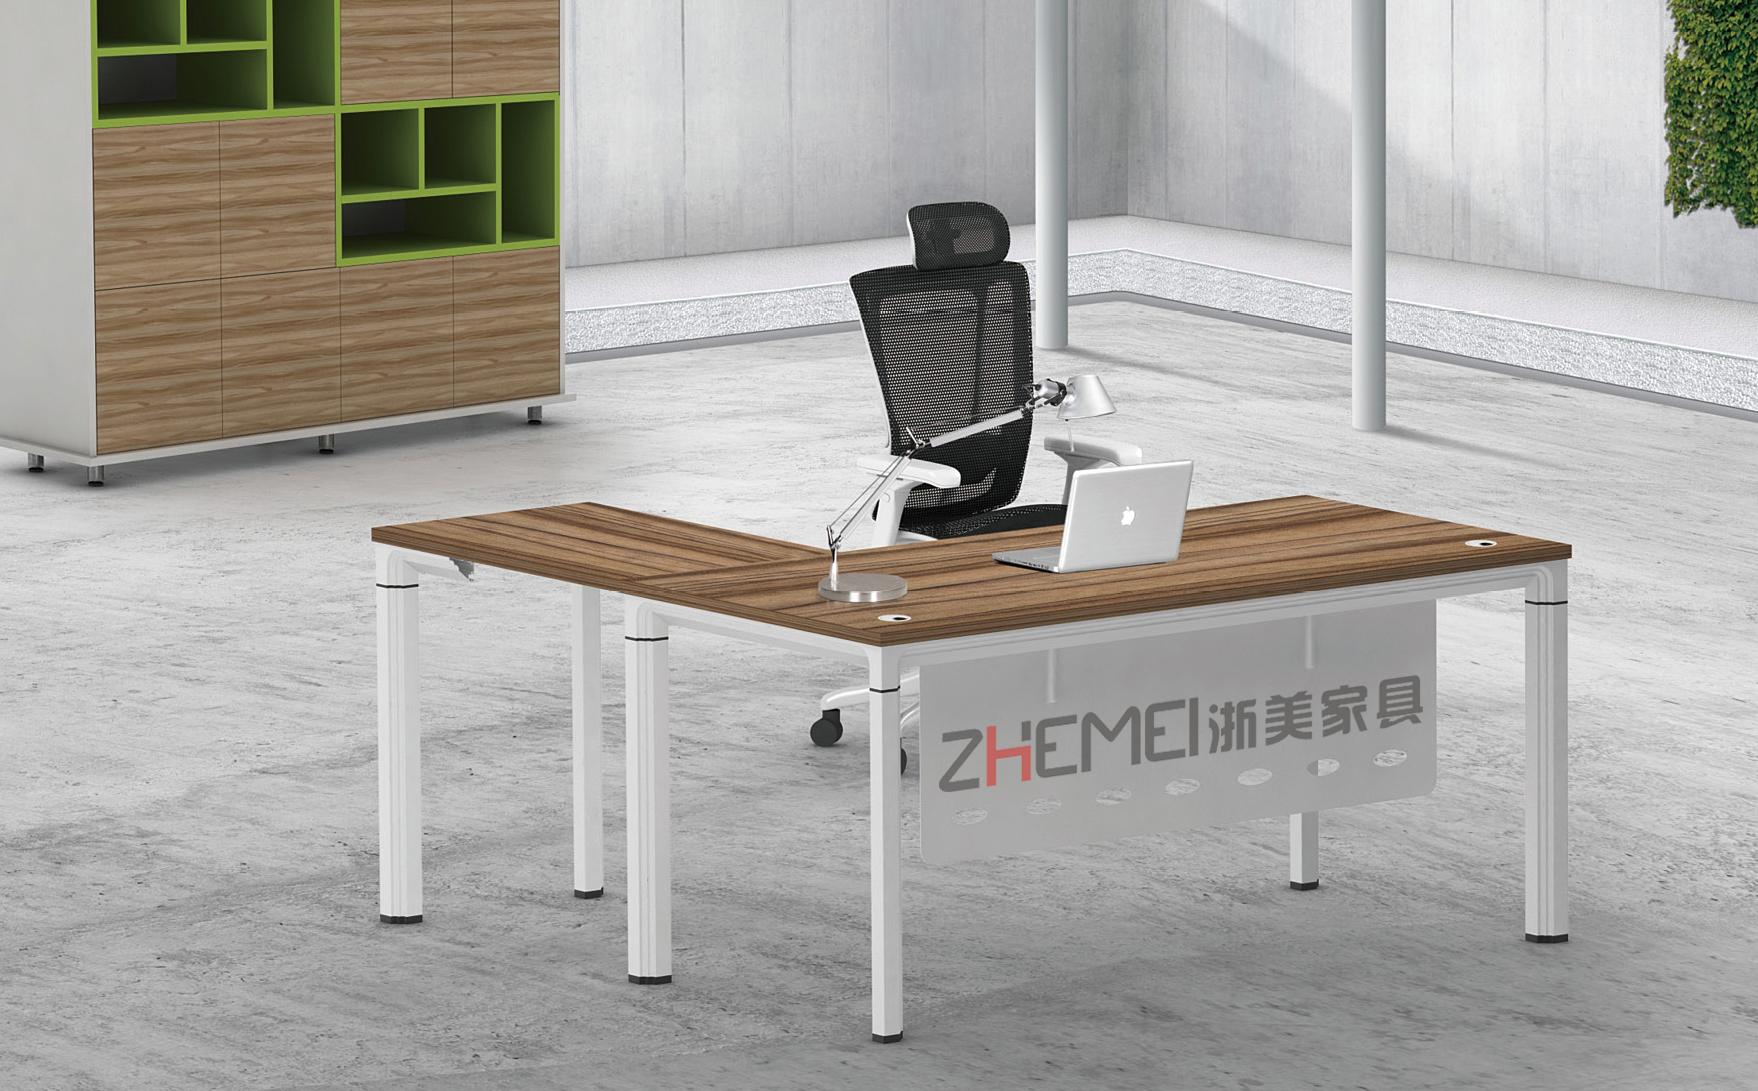 时尚自由 浙美主管桌、办公室中班台办公桌